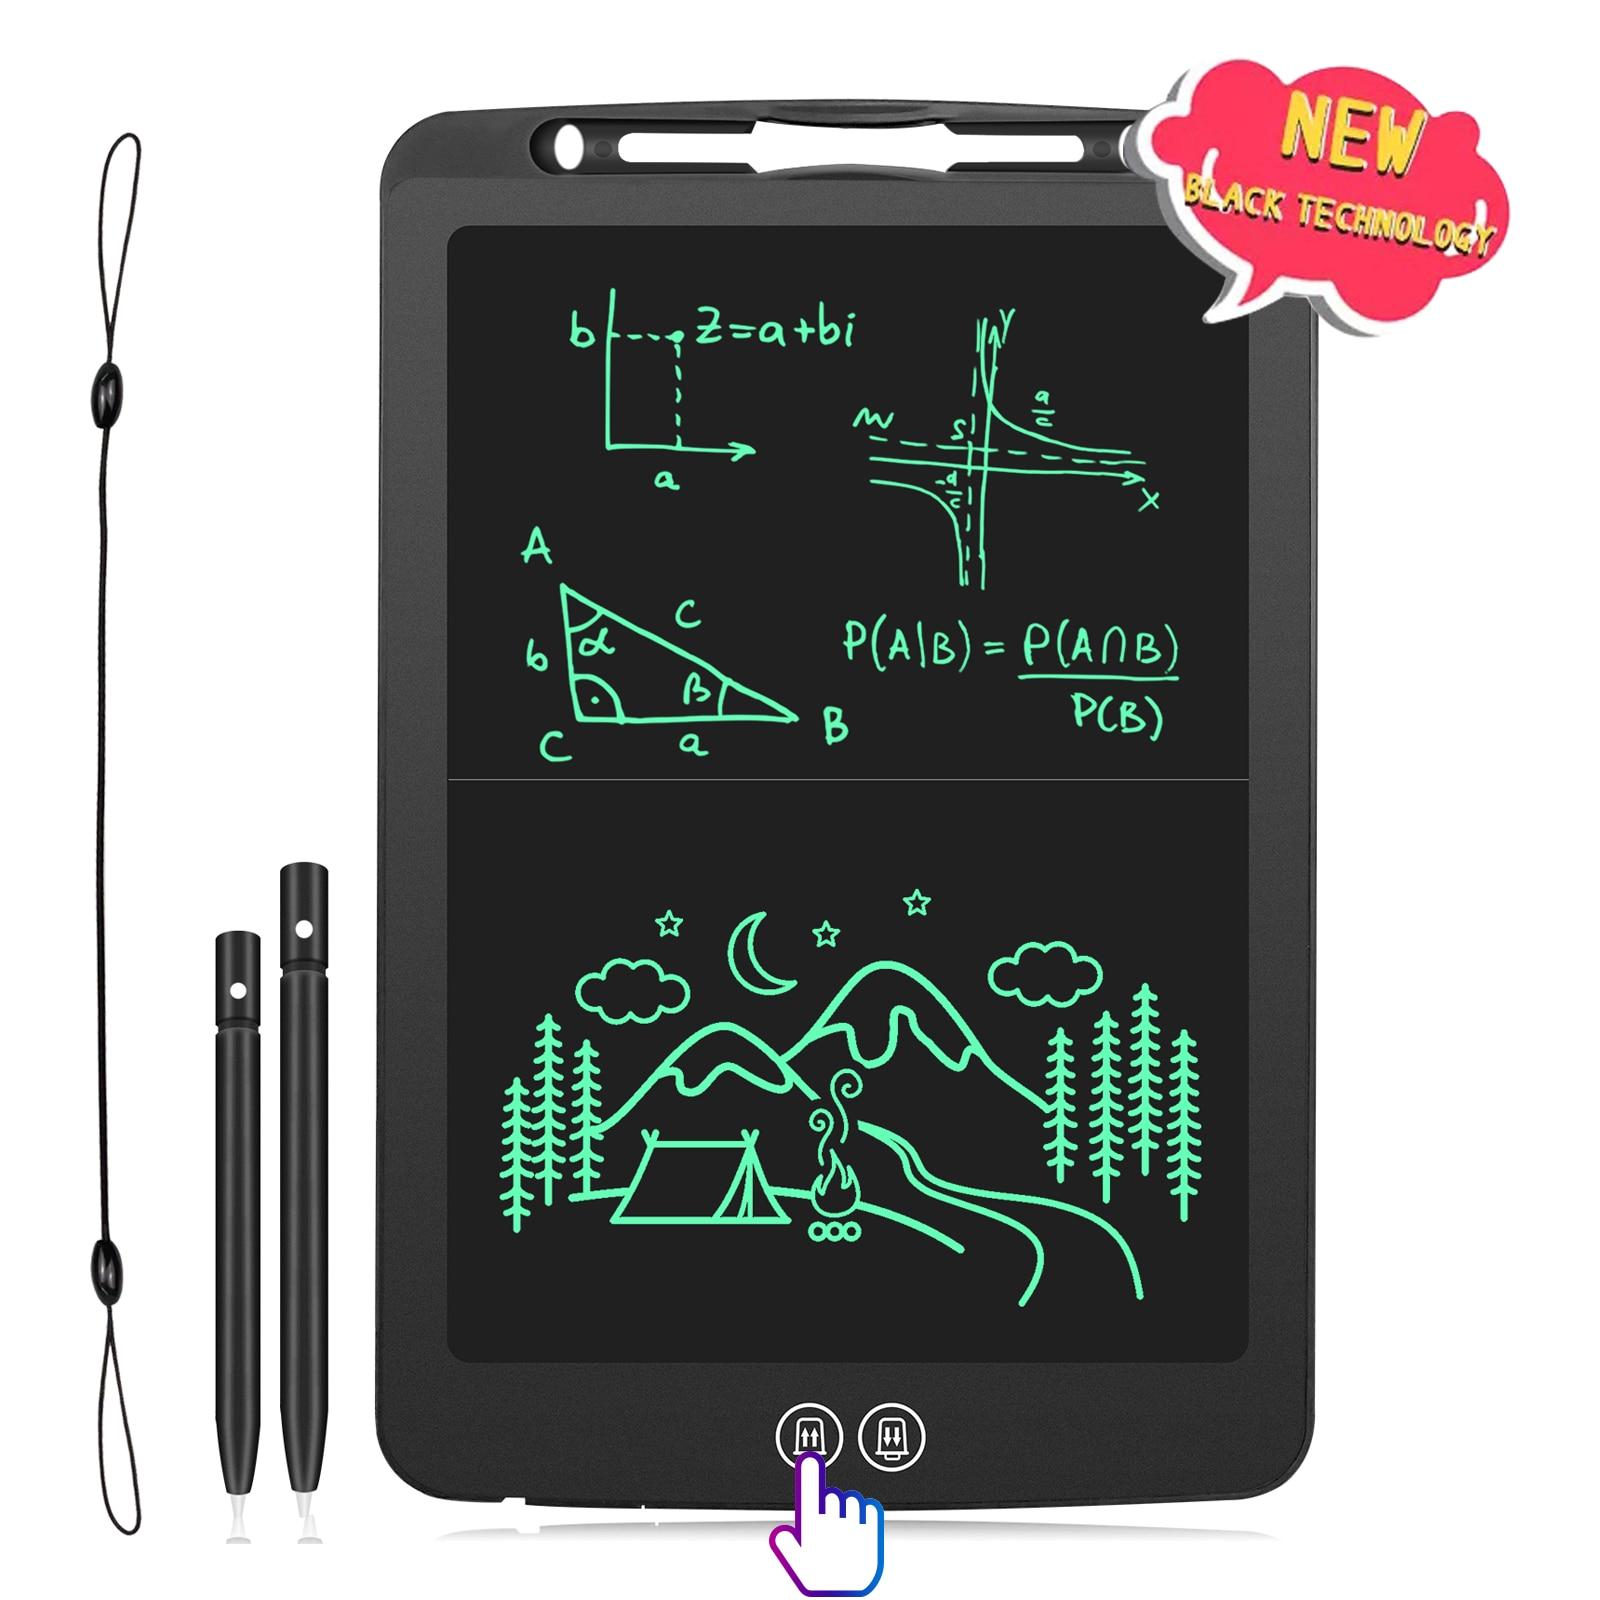 جهاز لوحي للكتابة بشاشة LCD مقاس 12 بوصة مع شاشة مقسمة ولوحة رسم وكتابة يدوية ولوحة خربشة مع لوحة ماوس وقواعد